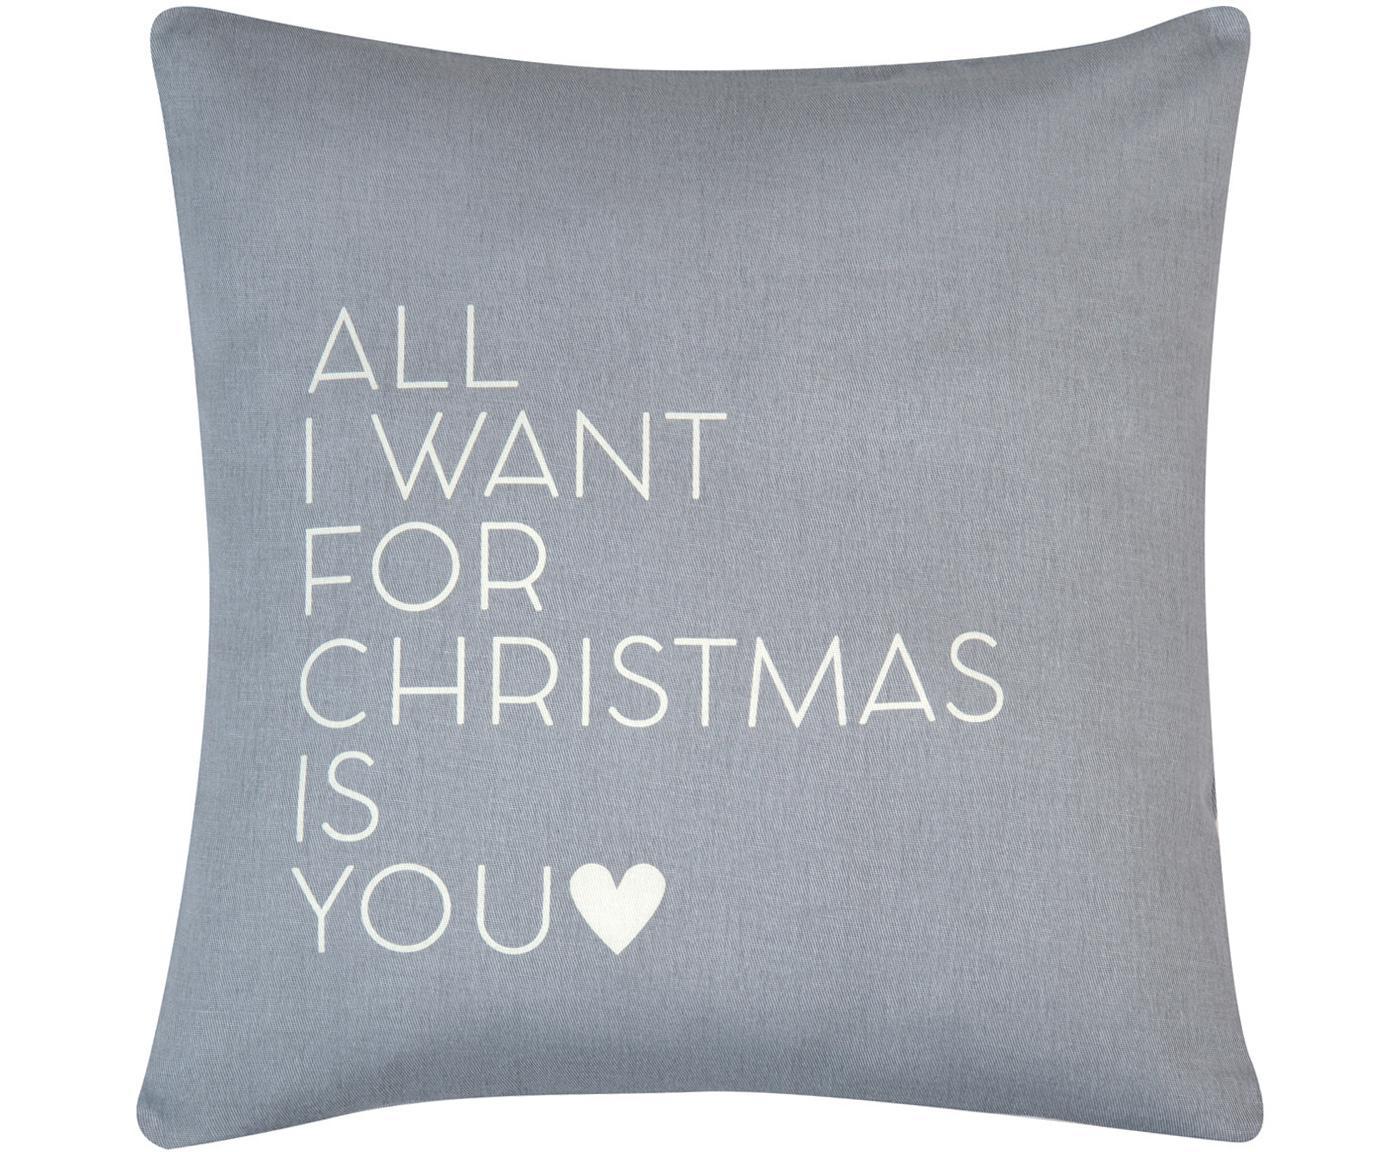 Federa natalizia con scritta All I Want, Cotone, tessuto panama, Grigio,beige, Larg. 40 x Lung. 40 cm